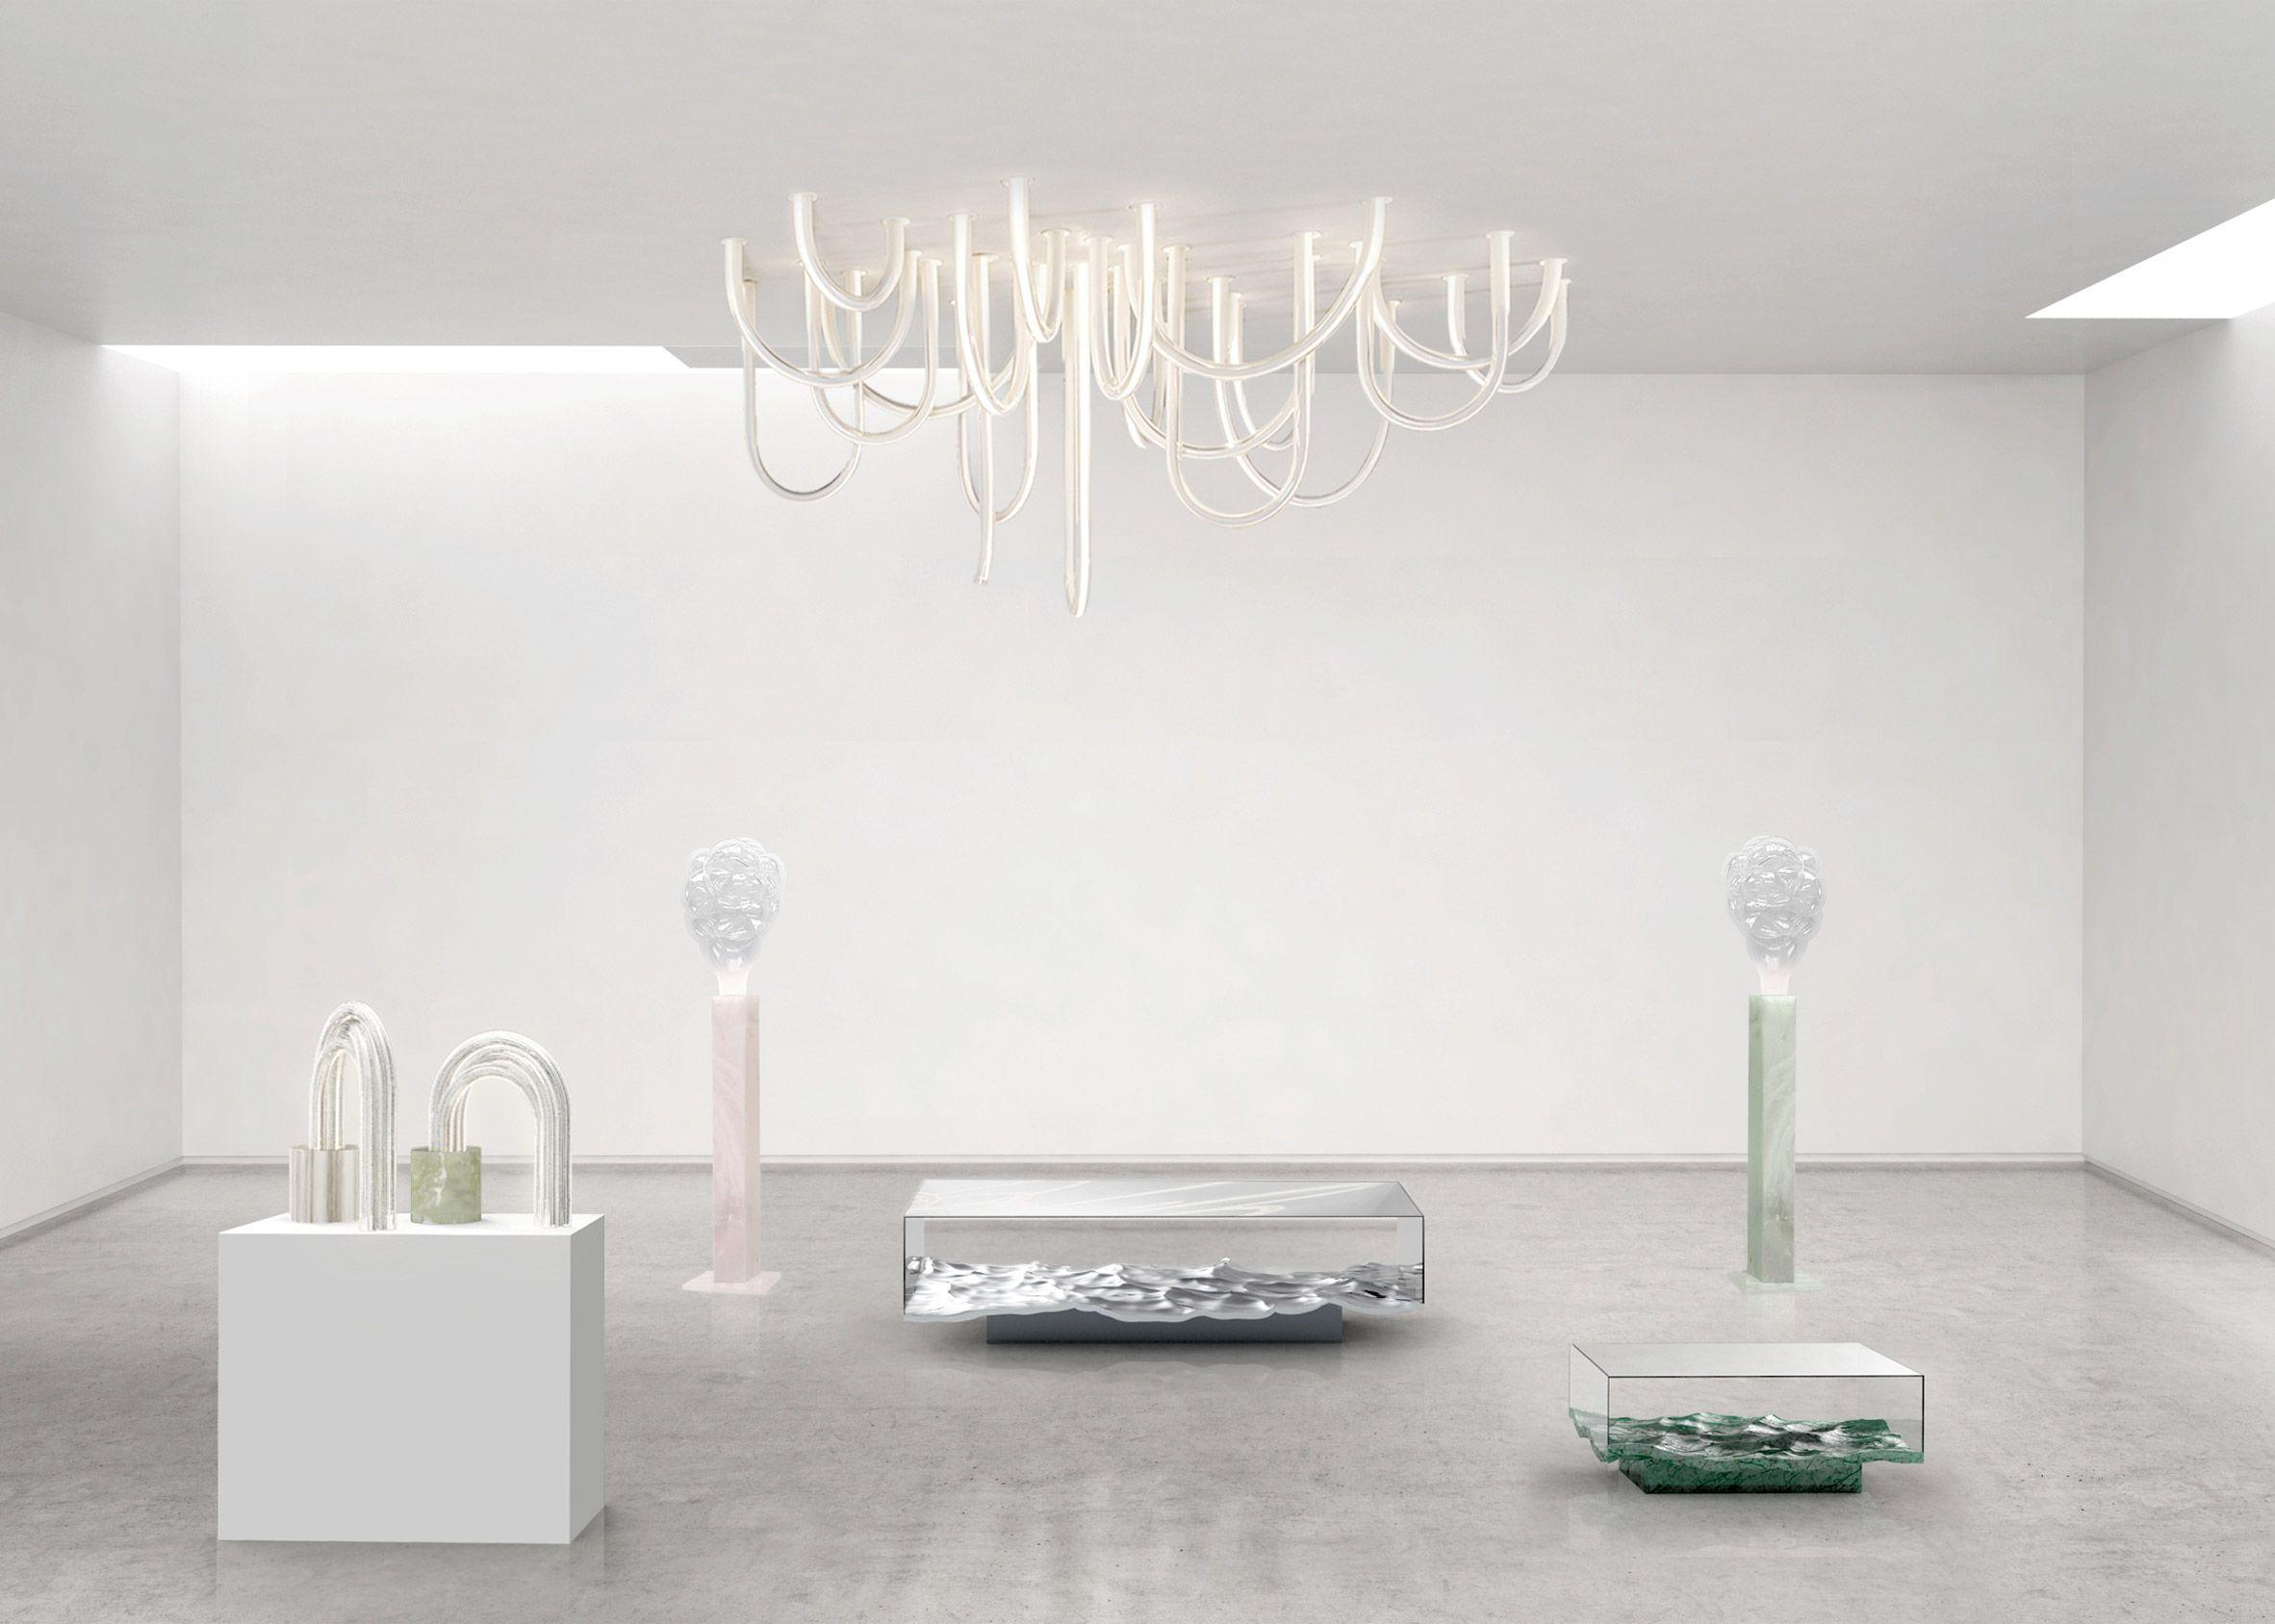 Mathieu Lehanneur S Spring Exhibition Includes New Liquid Marble  # Muebles Kowalczuk